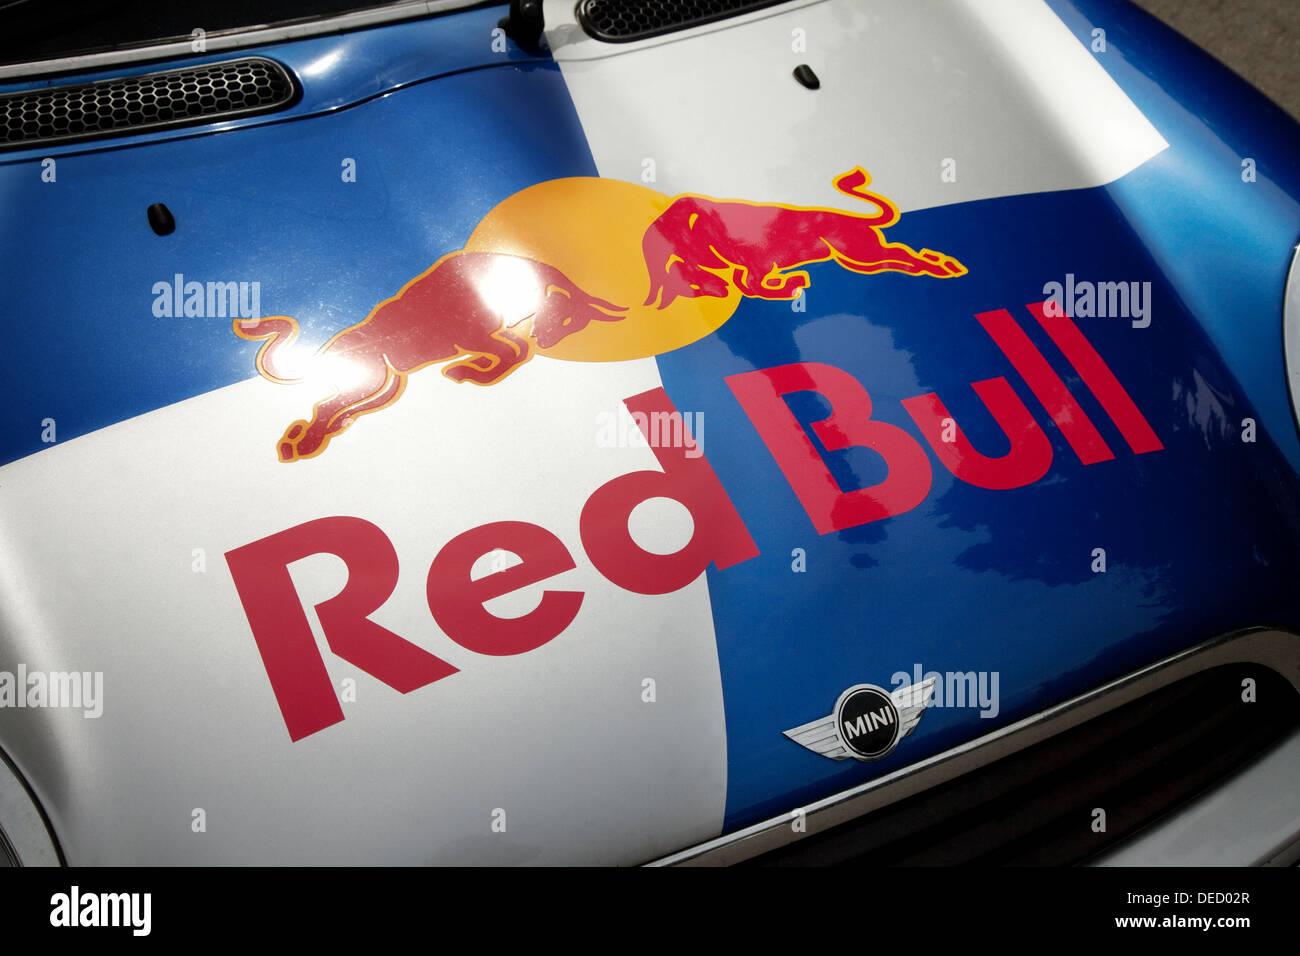 Red Bull Mini Kühlschrank Jägermeister : Rote bull energie stockfotos rote bull energie bilder alamy